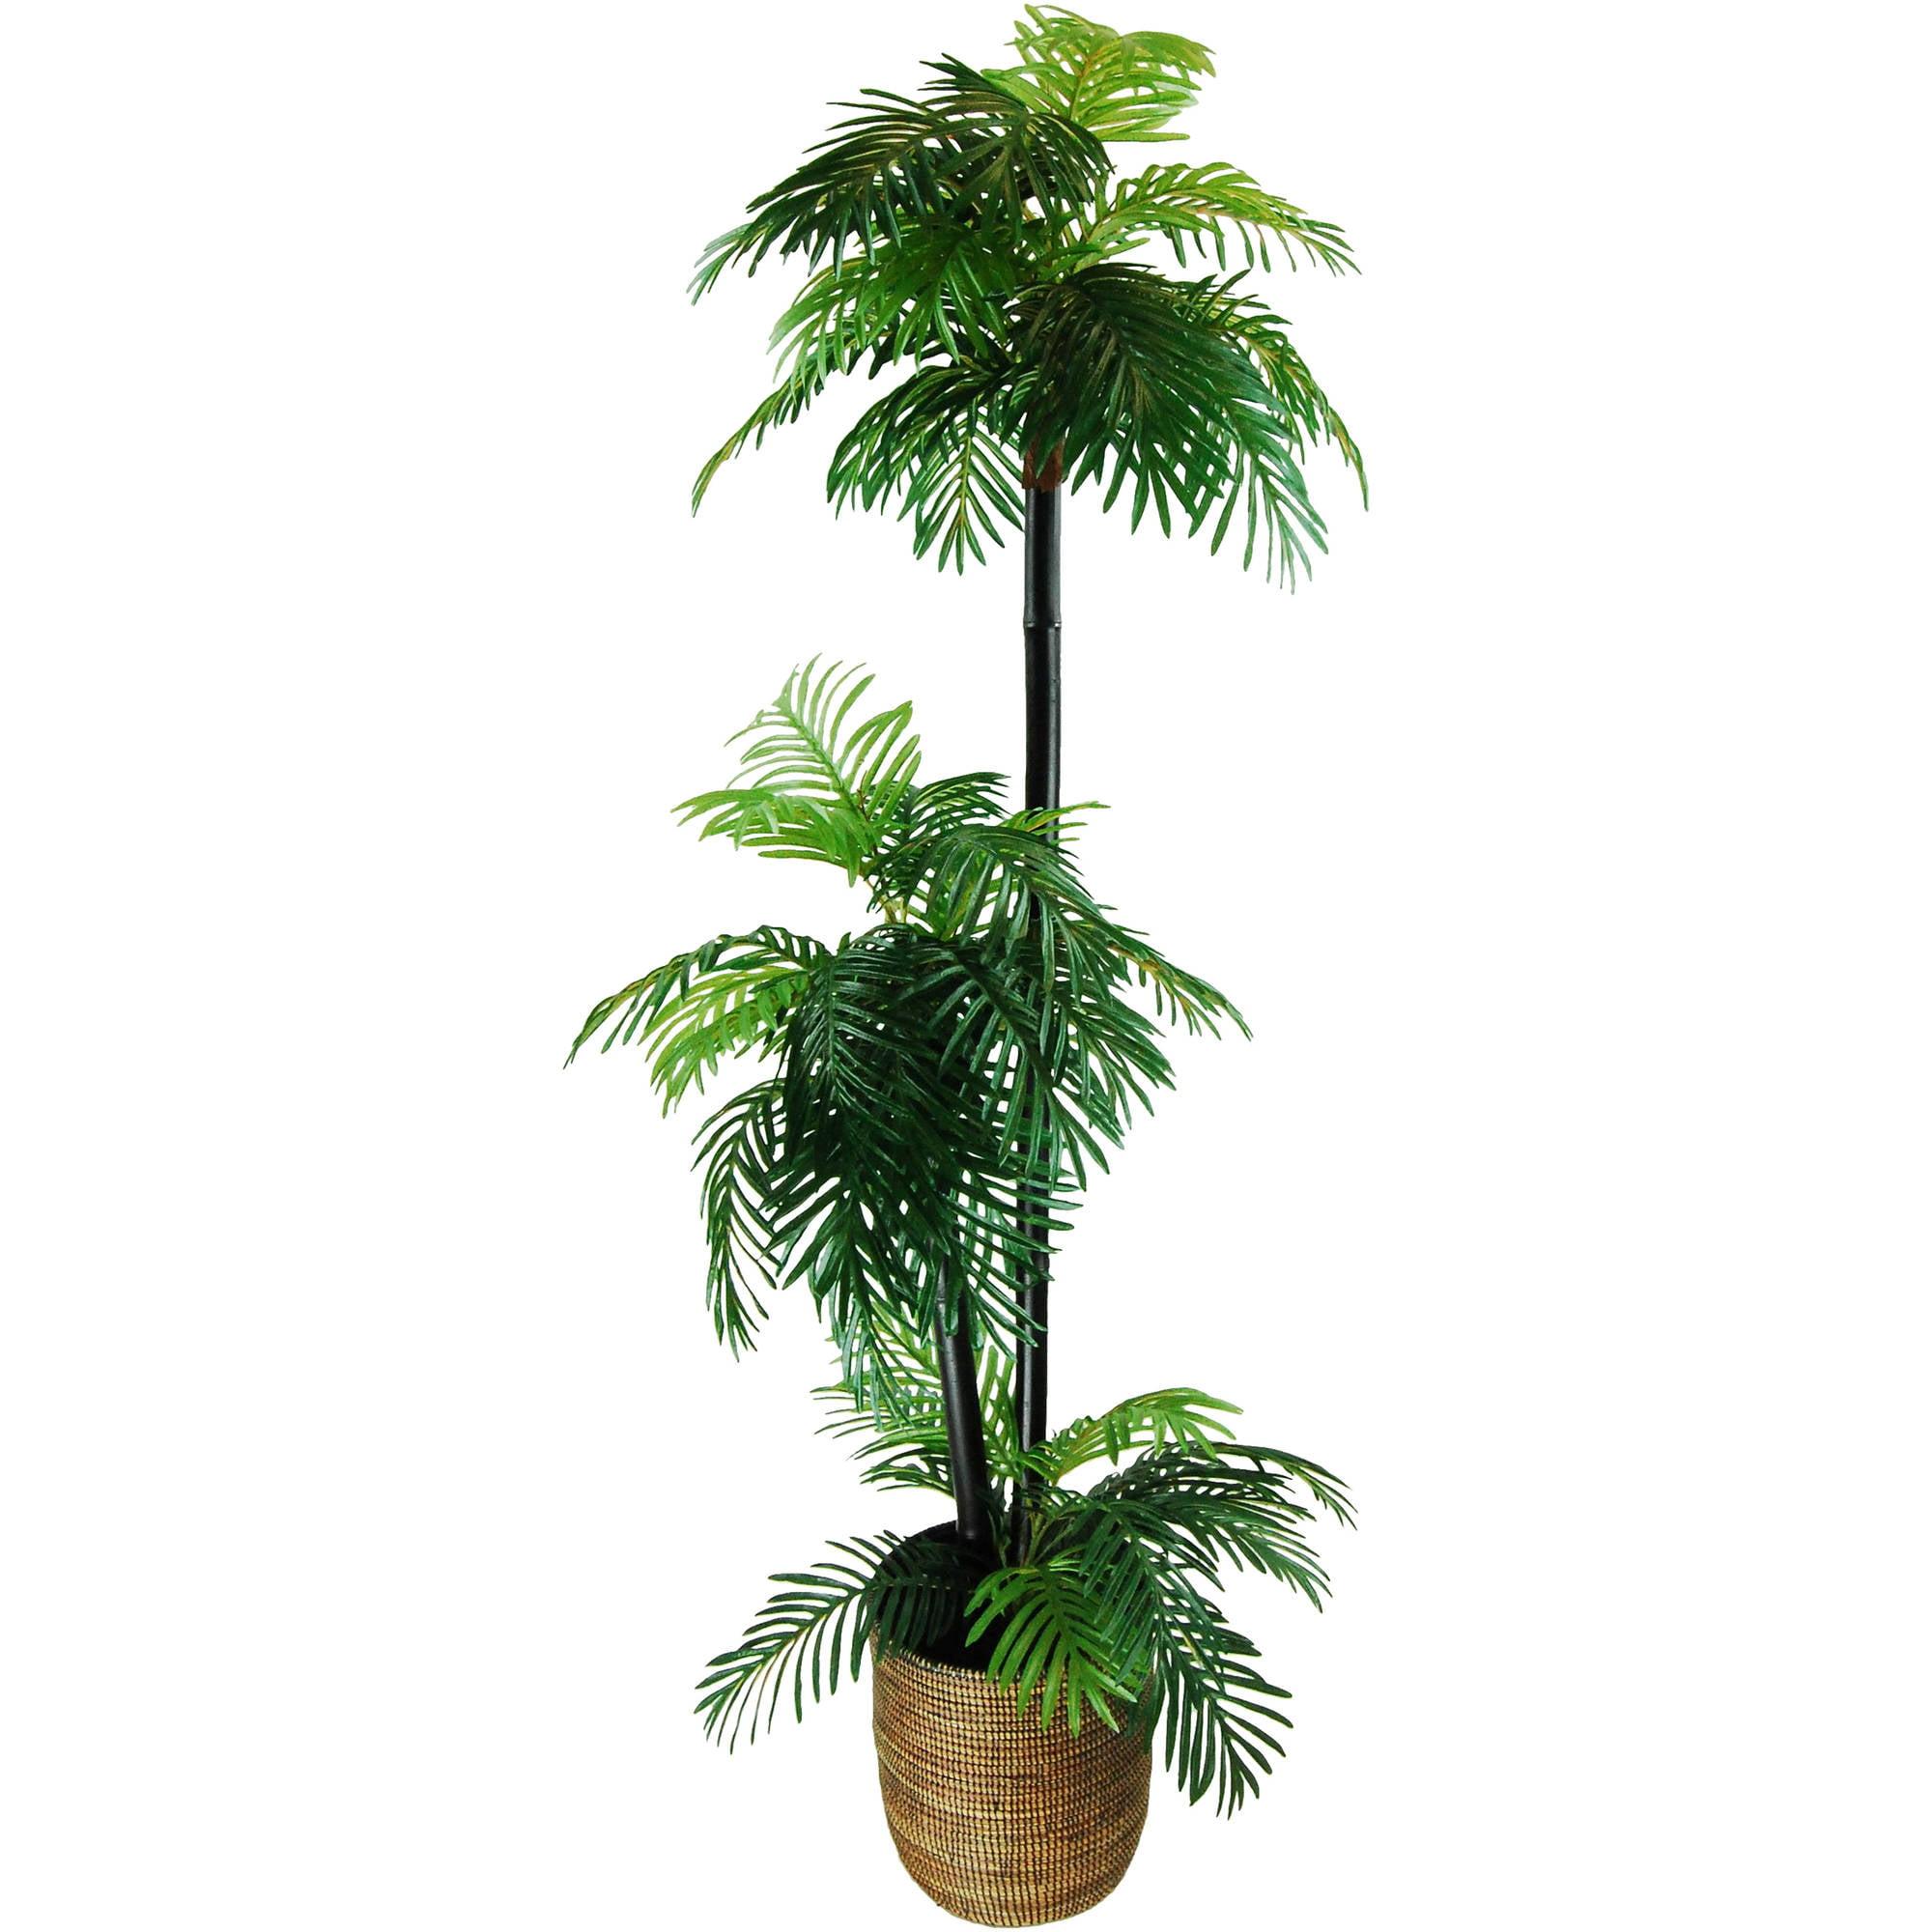 Phoenix Palm Tree in a Basket